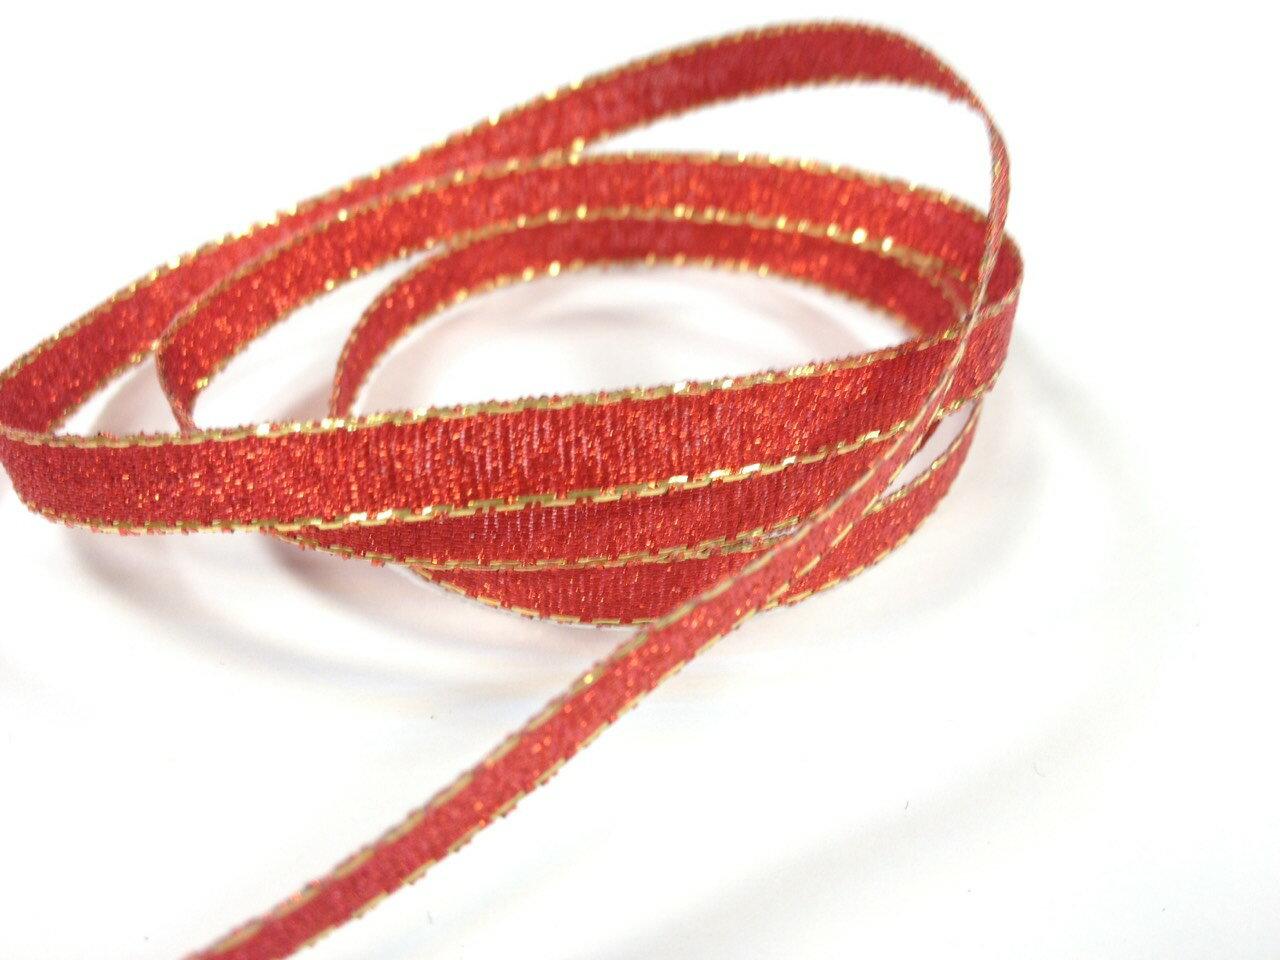 彩色金蔥鐵絲緞帶3mm、6mm、10mm 3碼 (10色) 8